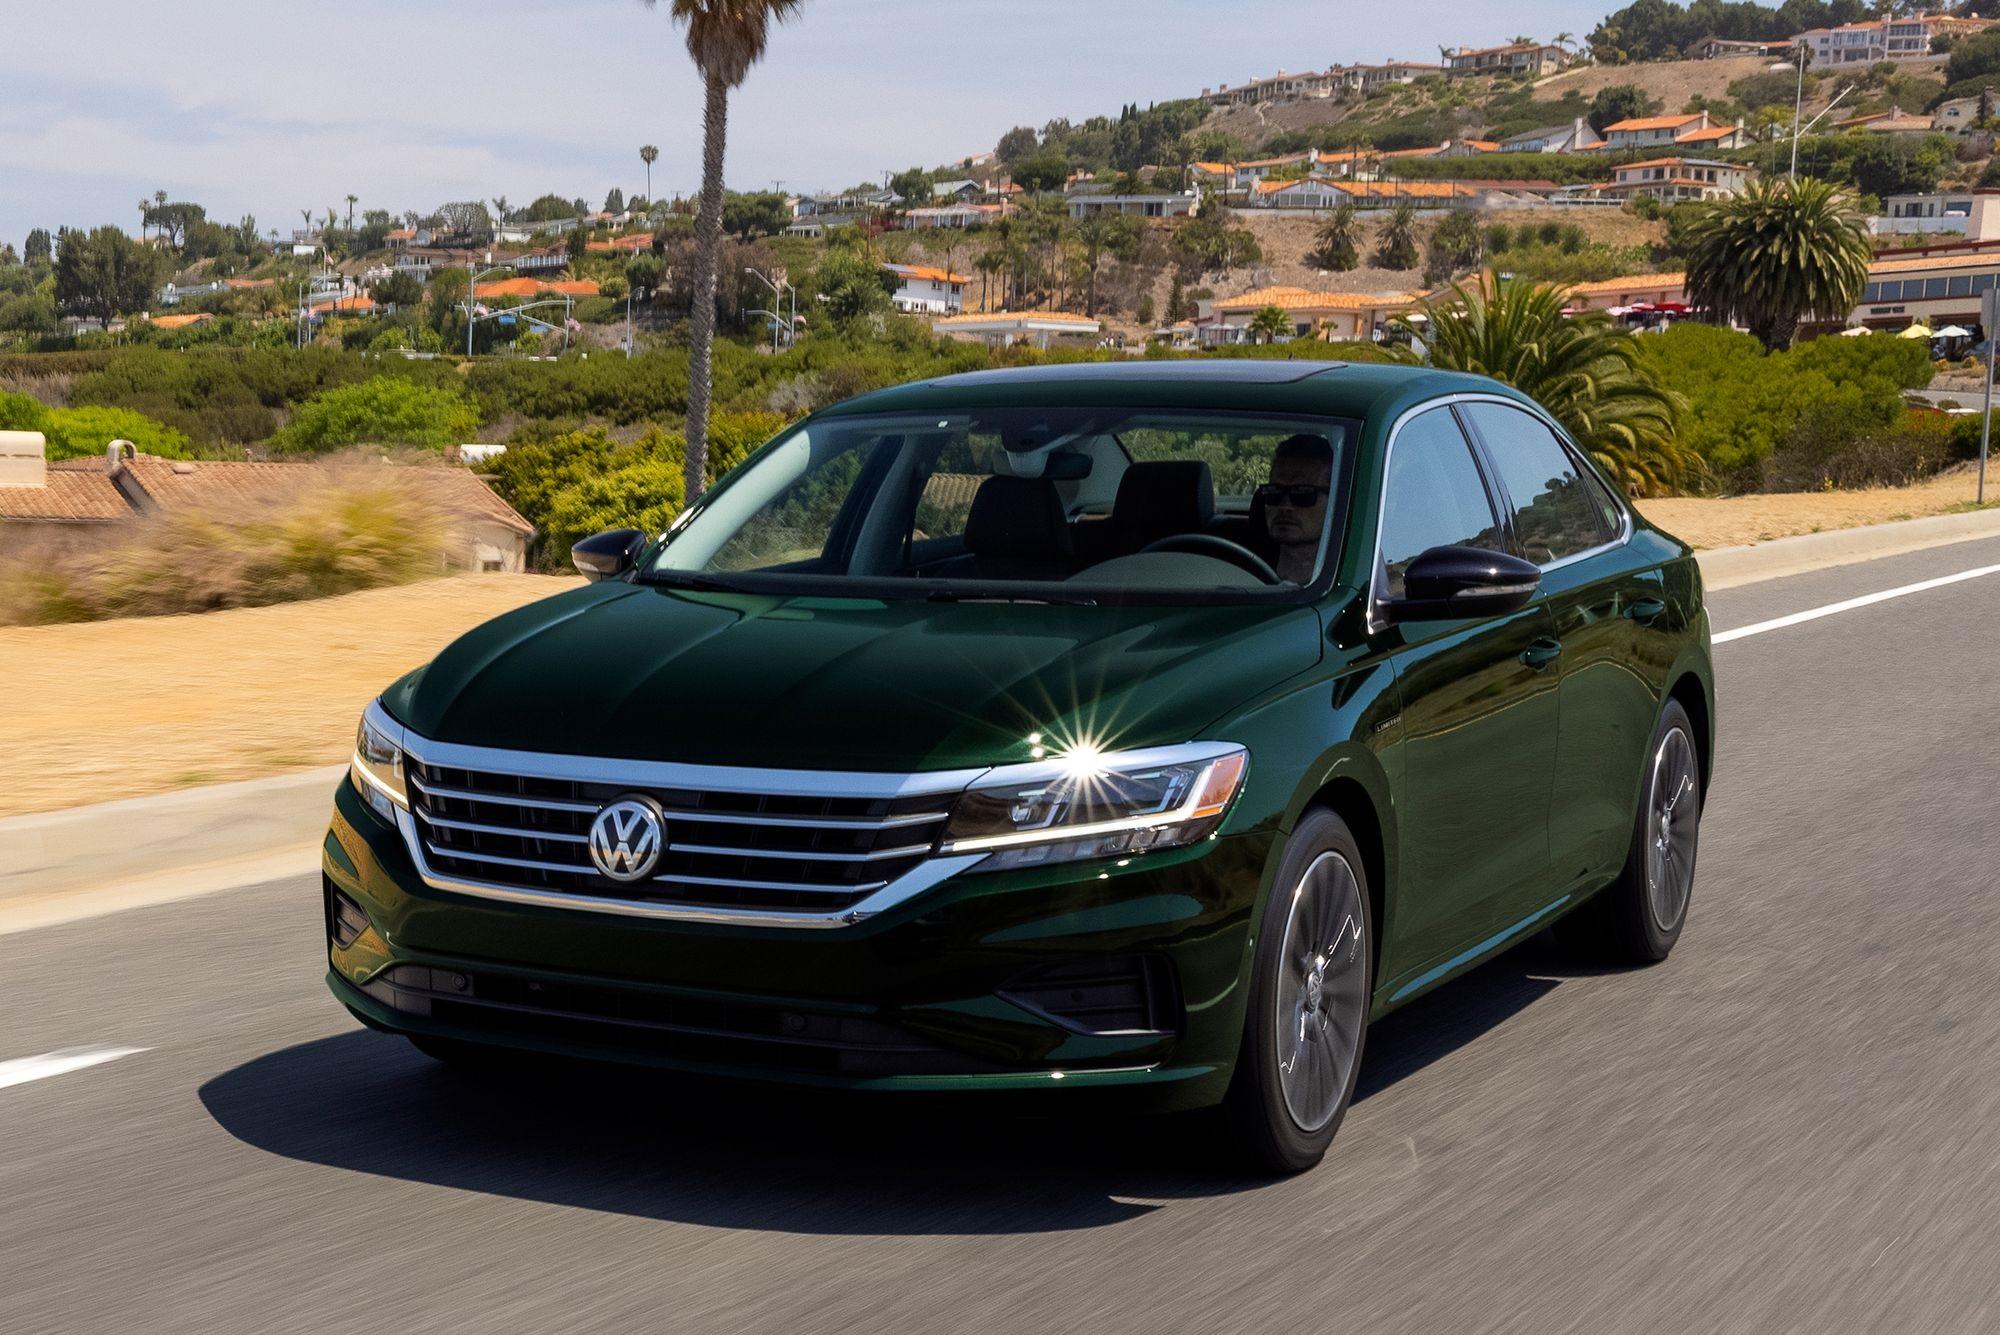 Седан Volkswagen Passat Limited Edition 2022